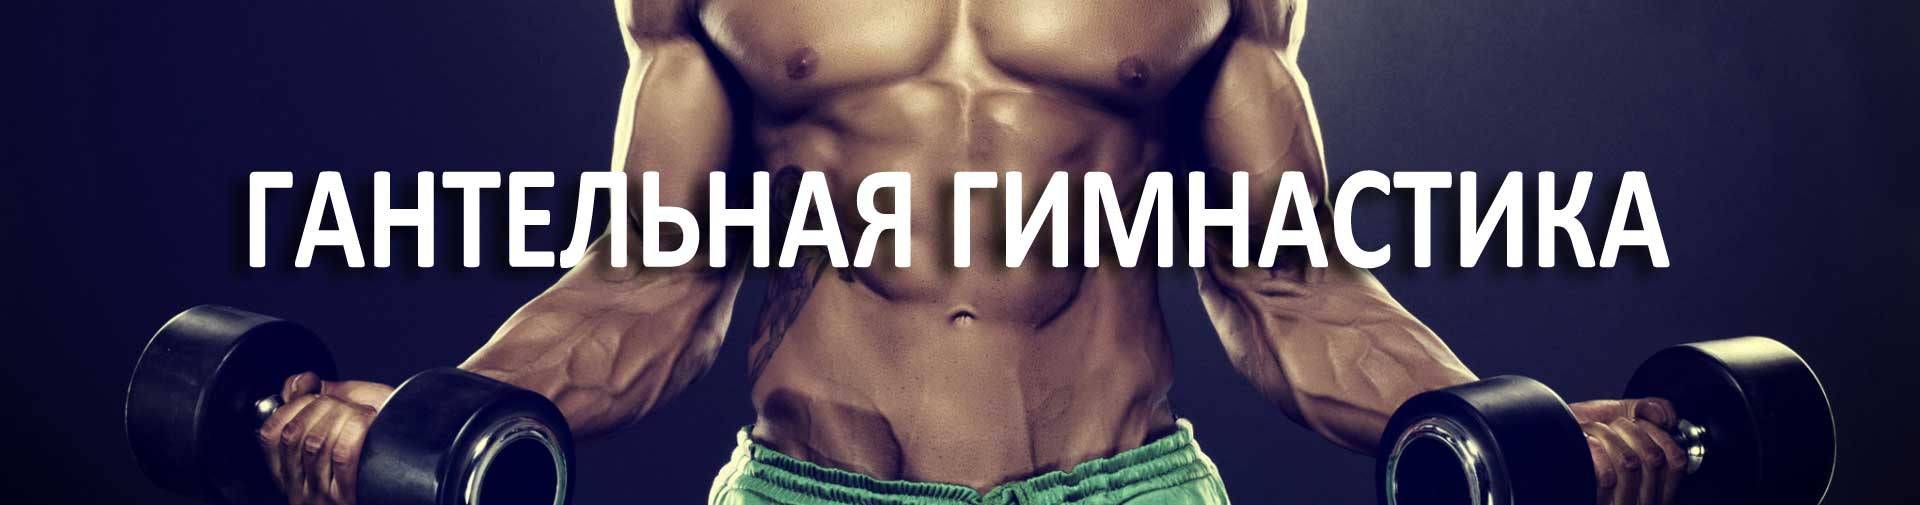 Гантельная гимнастика. Тренинг, упражнения с гантелями.